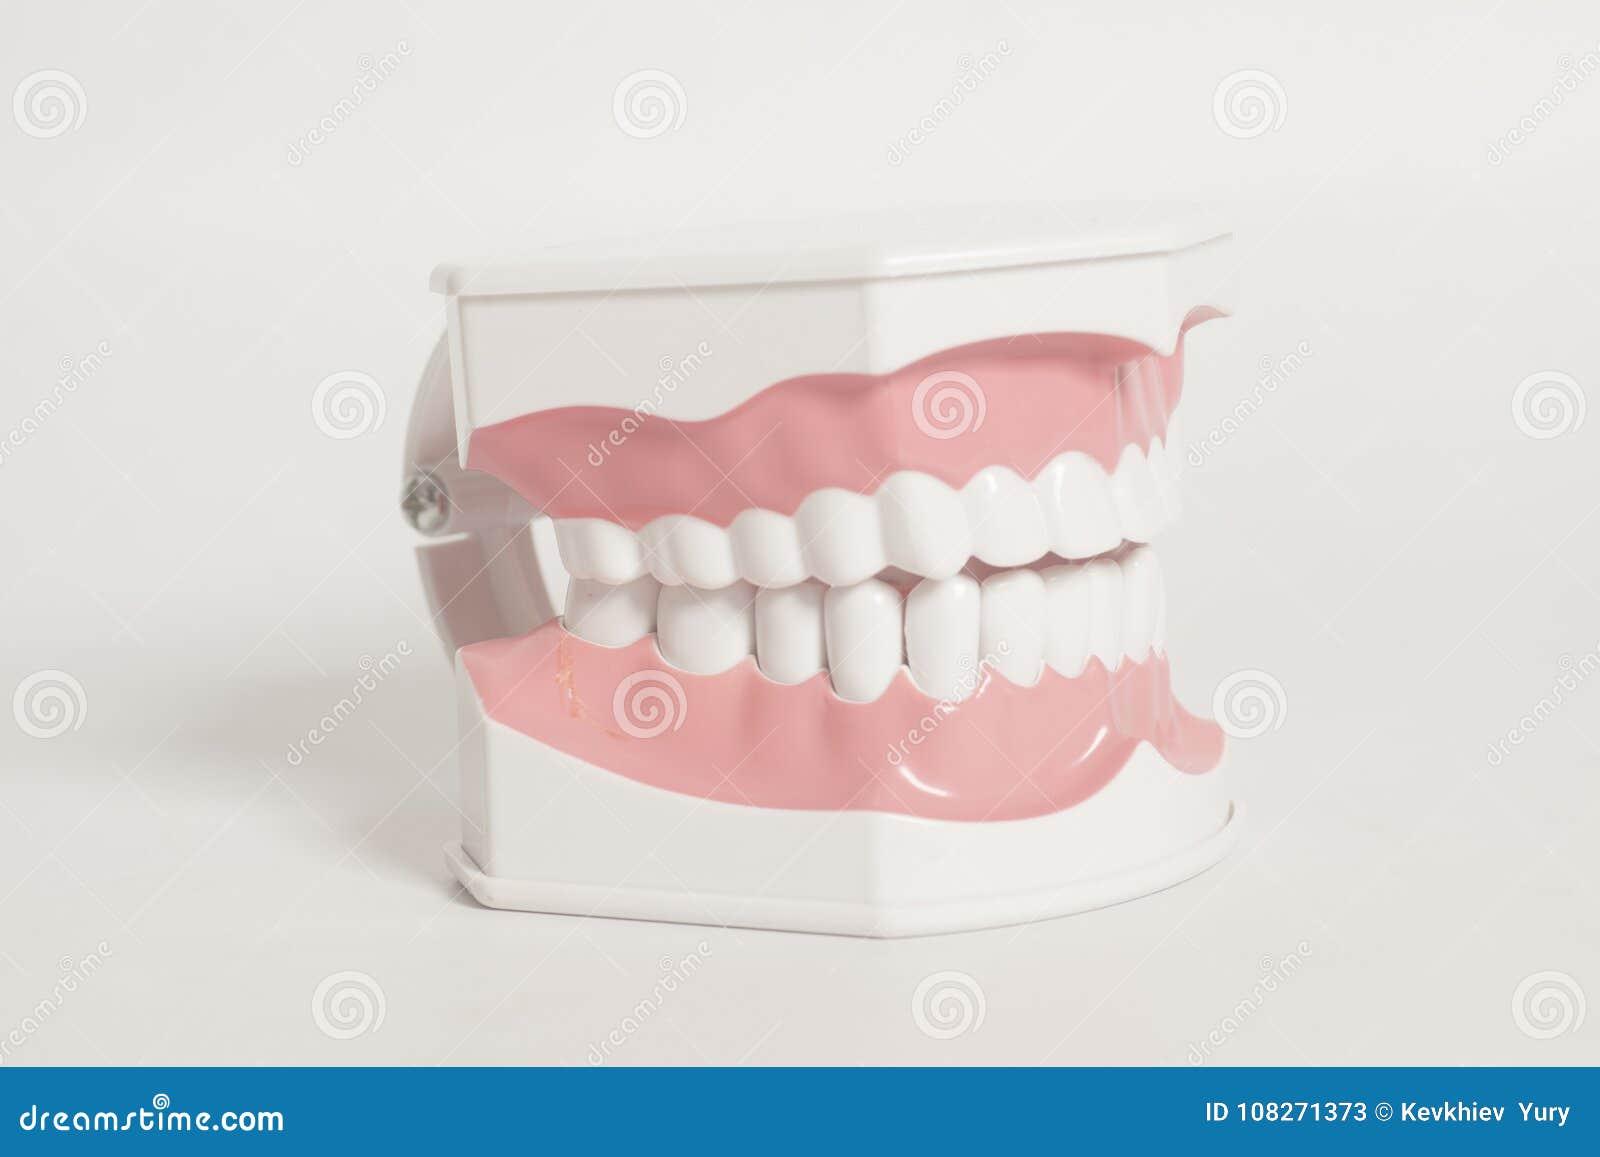 Modelo Humano Dental De Los Dientes Imagen de archivo - Imagen de ...